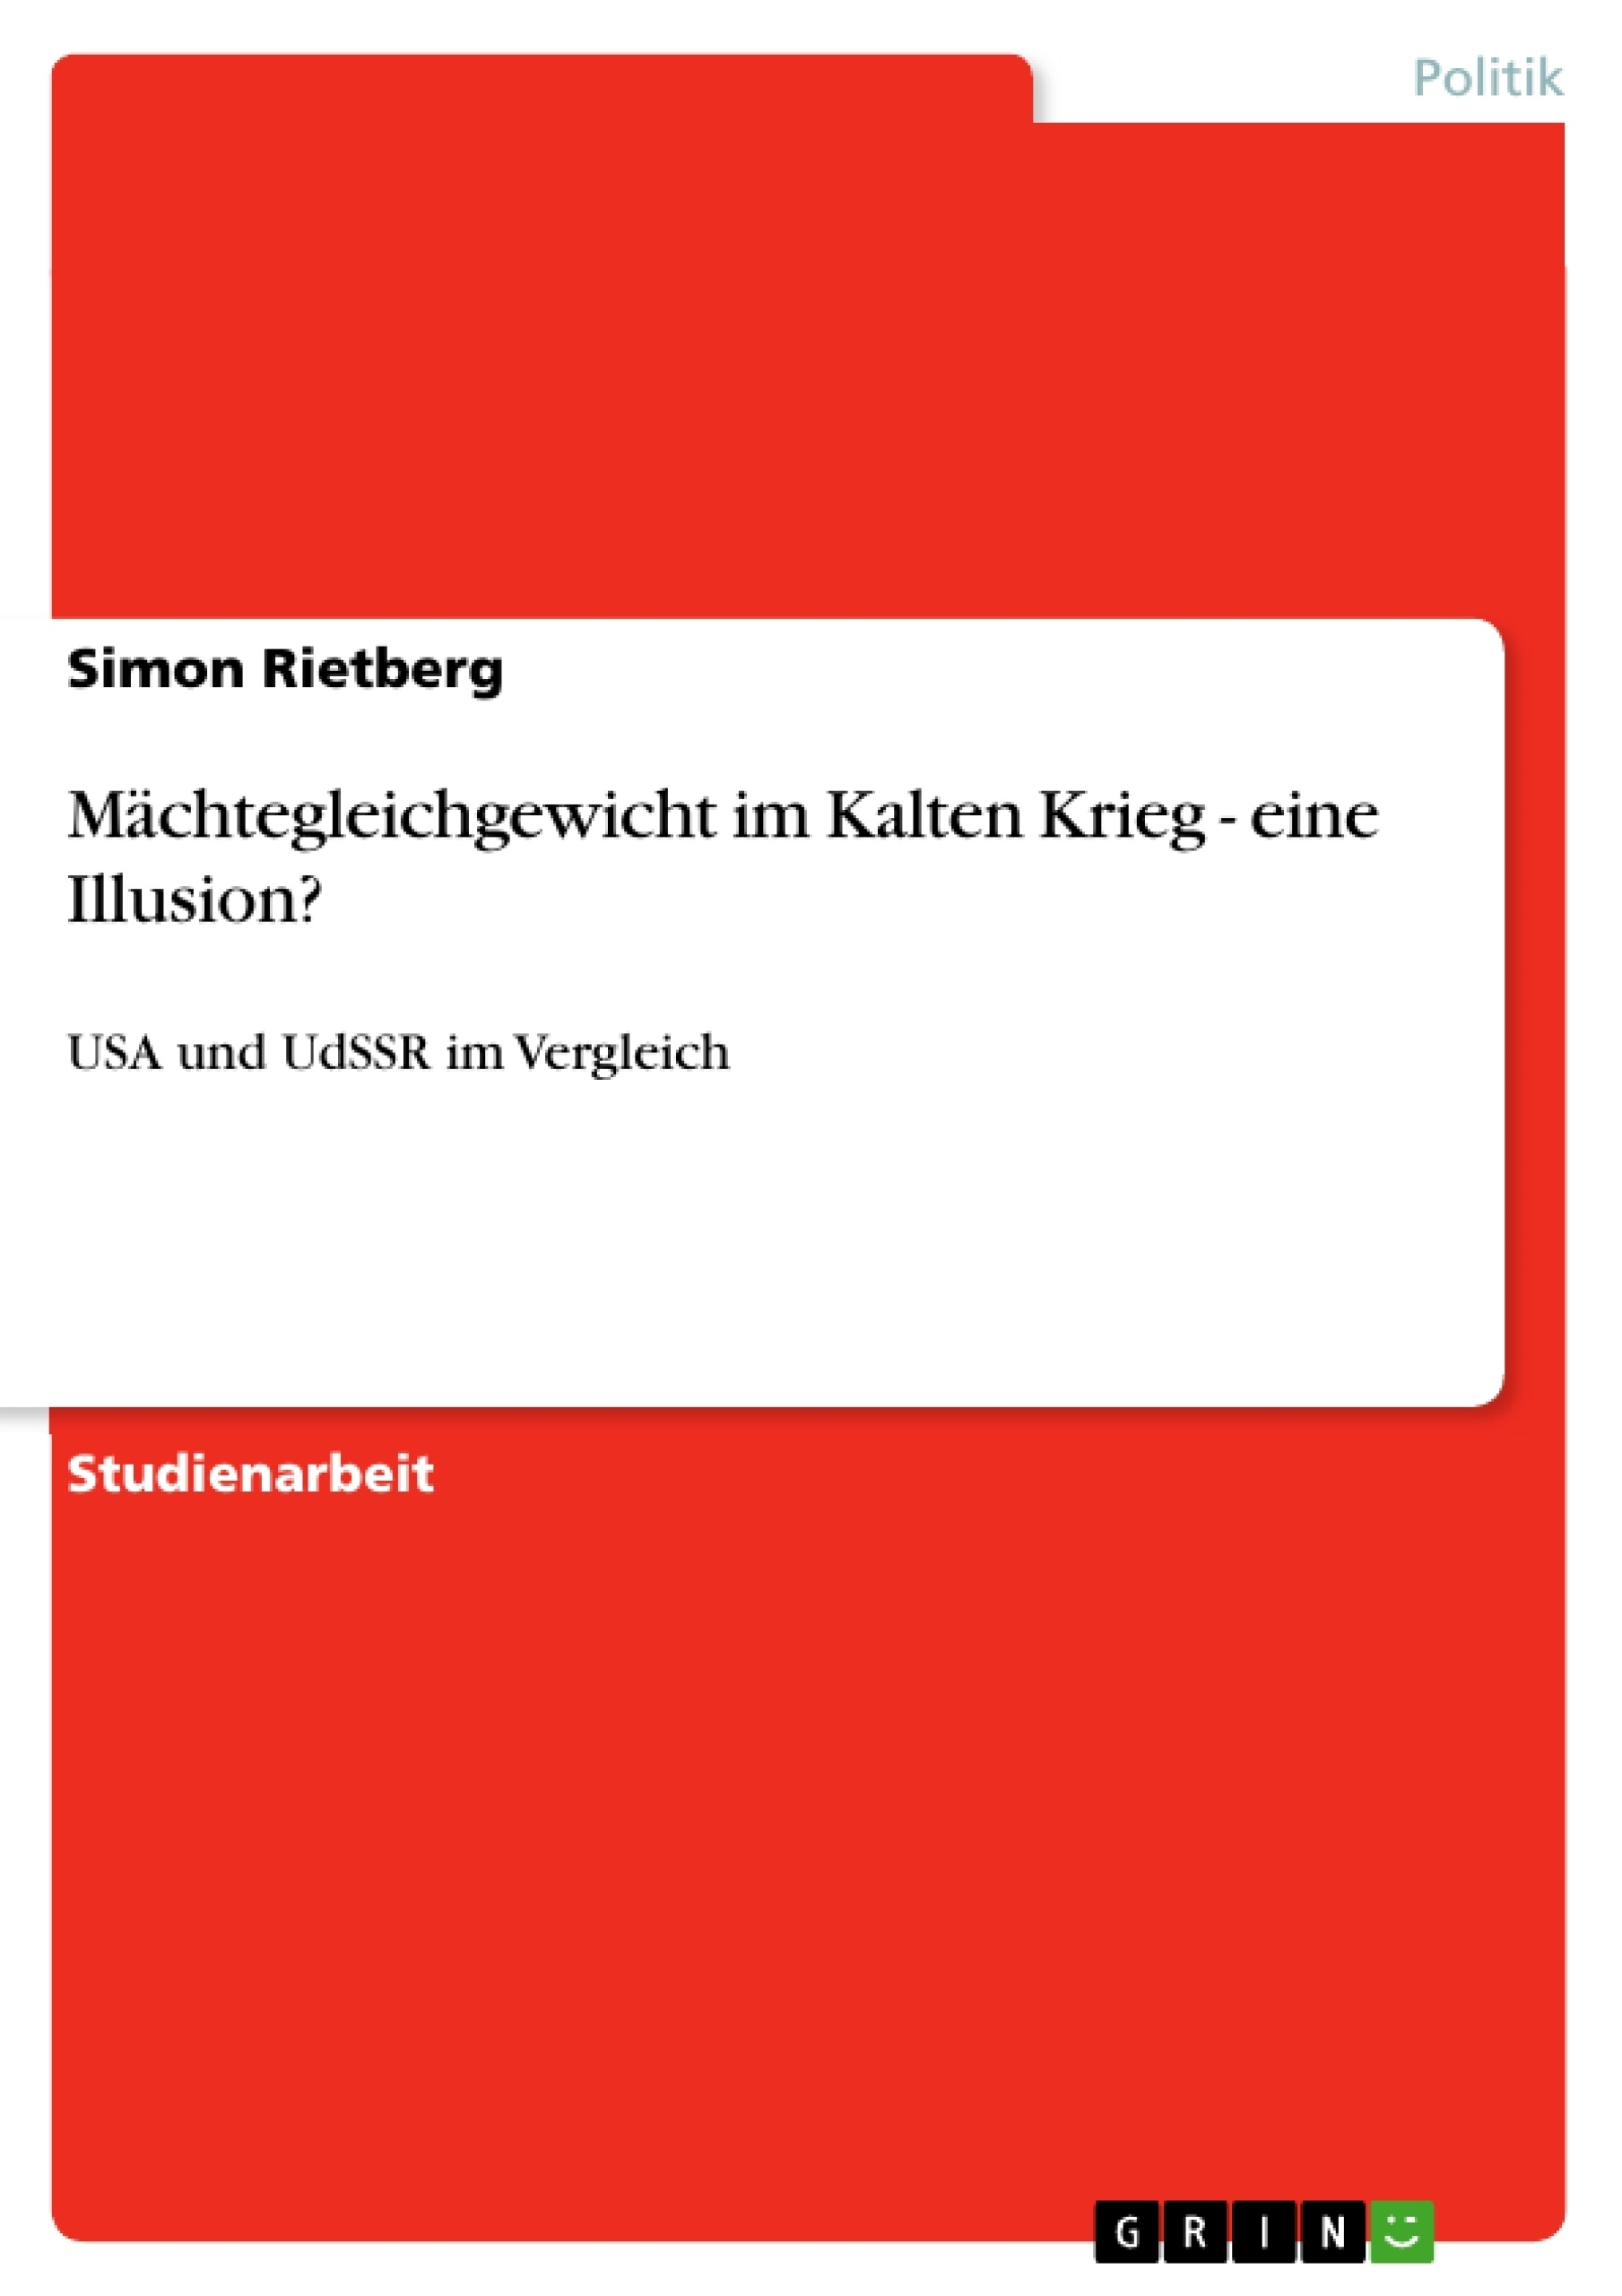 Titel: Mächtegleichgewicht im Kalten Krieg - eine Illusion?